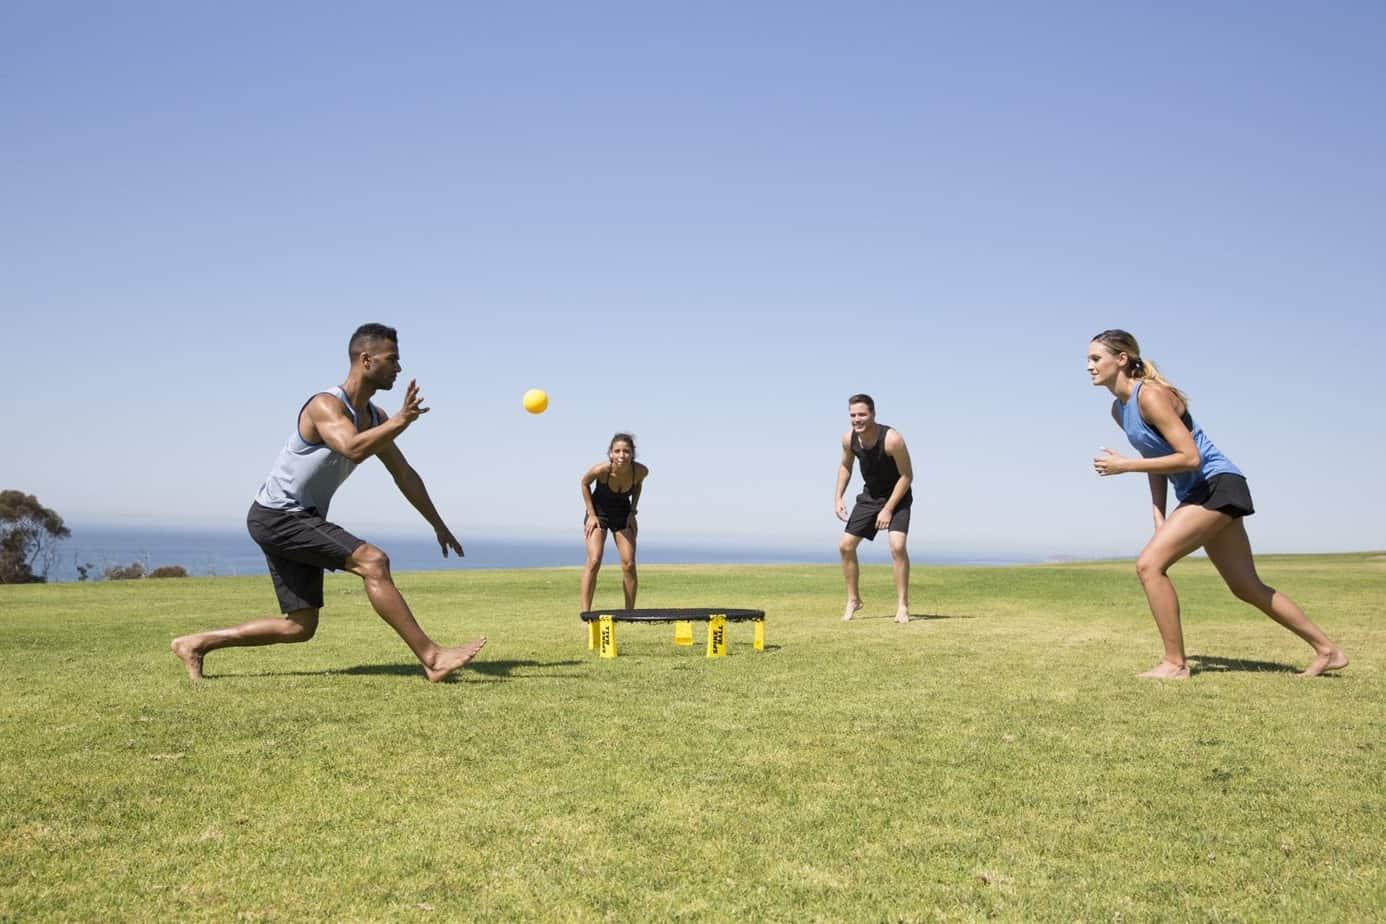 Teens playing spikeball game